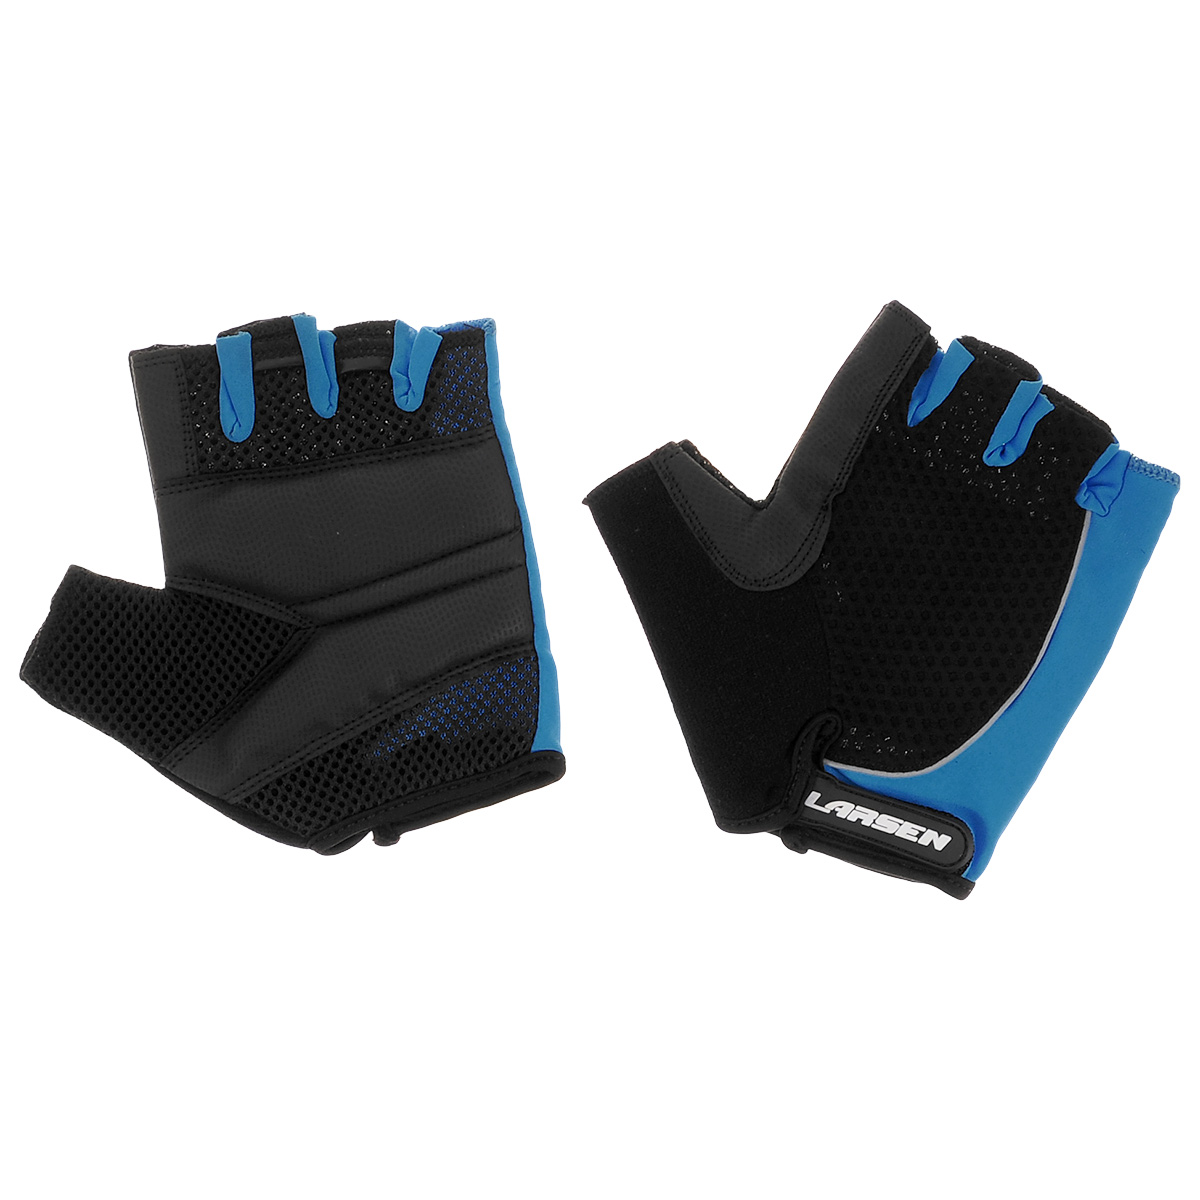 Велоперчатки Larsen, цвет: черный, синий. Размер M01-1232Велоперчатки Larsen выполнены из высококачественного нейлона и амары. Ладони оснащены накладкой из полиуретана для повышенного сцепления и системой Pull Off на пальцах. Застежка Velcro надежно фиксирует перчатки на руке. Сетка способствует хорошей вентиляции.Гид по велоаксессуарам. Статья OZON Гид